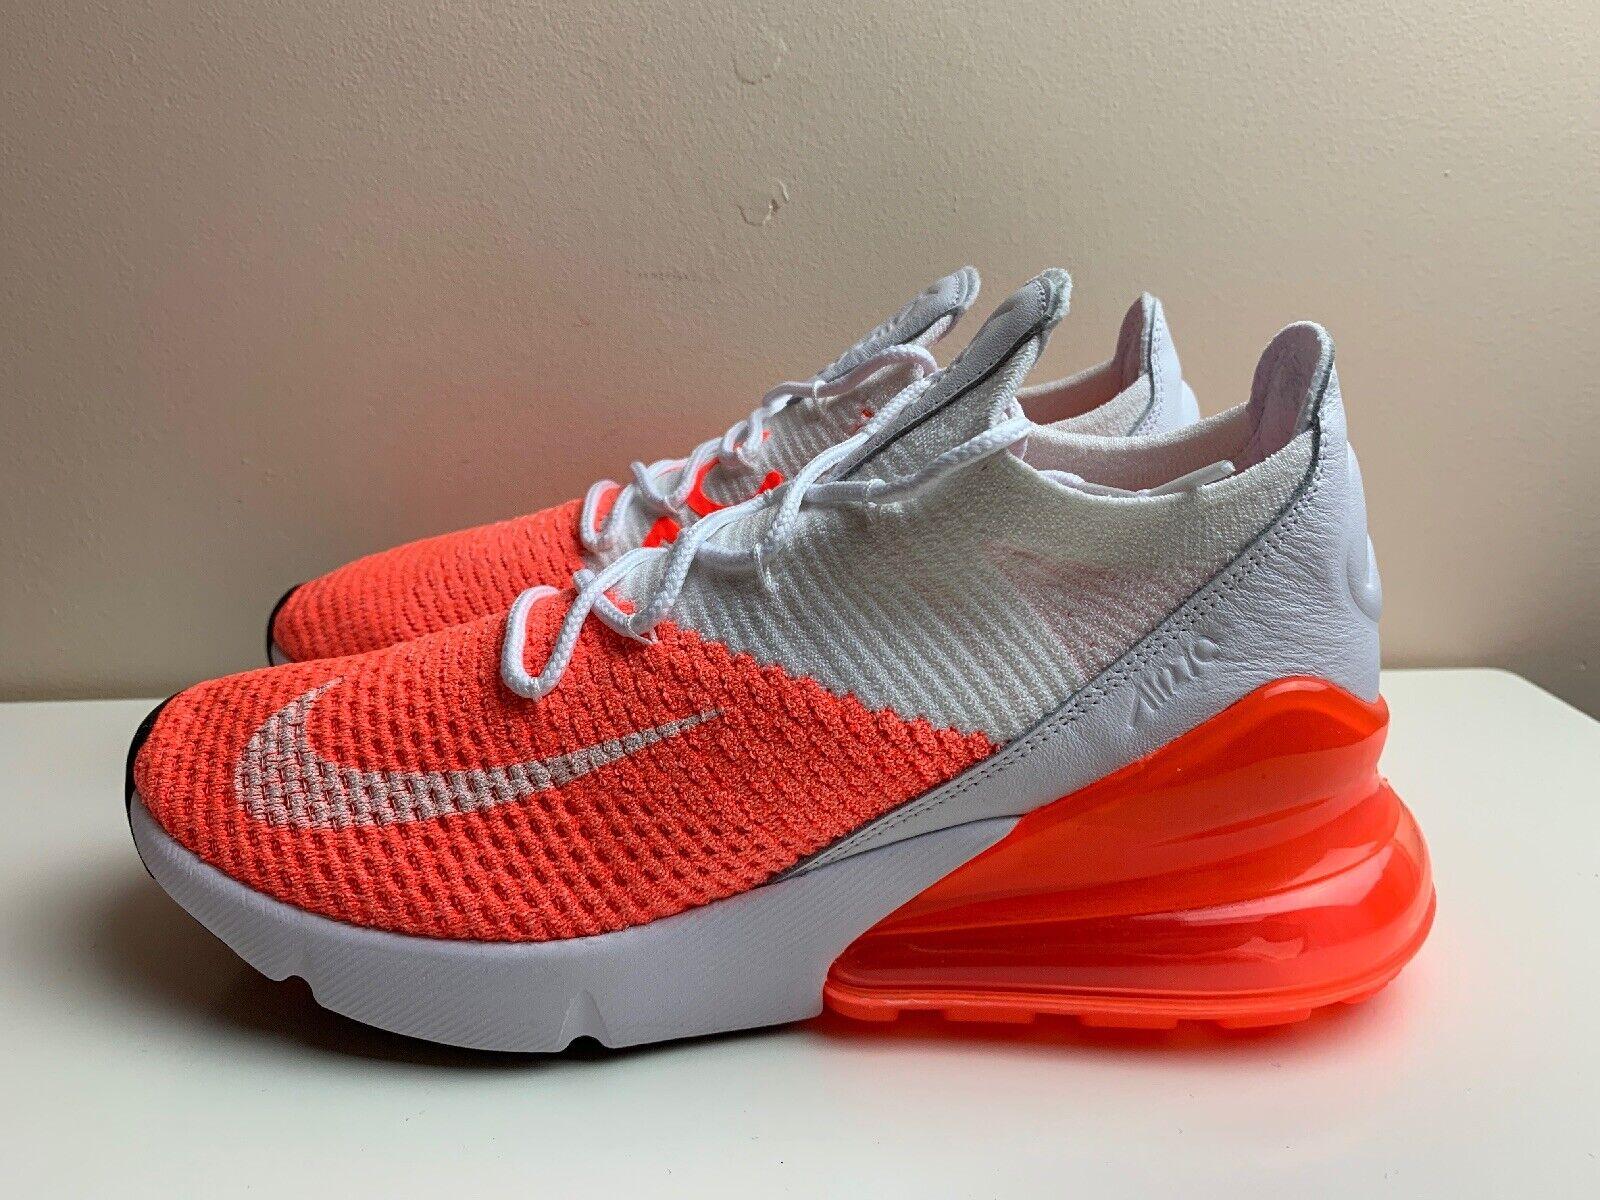 Nike Air Max 90 Ultra Premium Zapatillas para mujer Talla